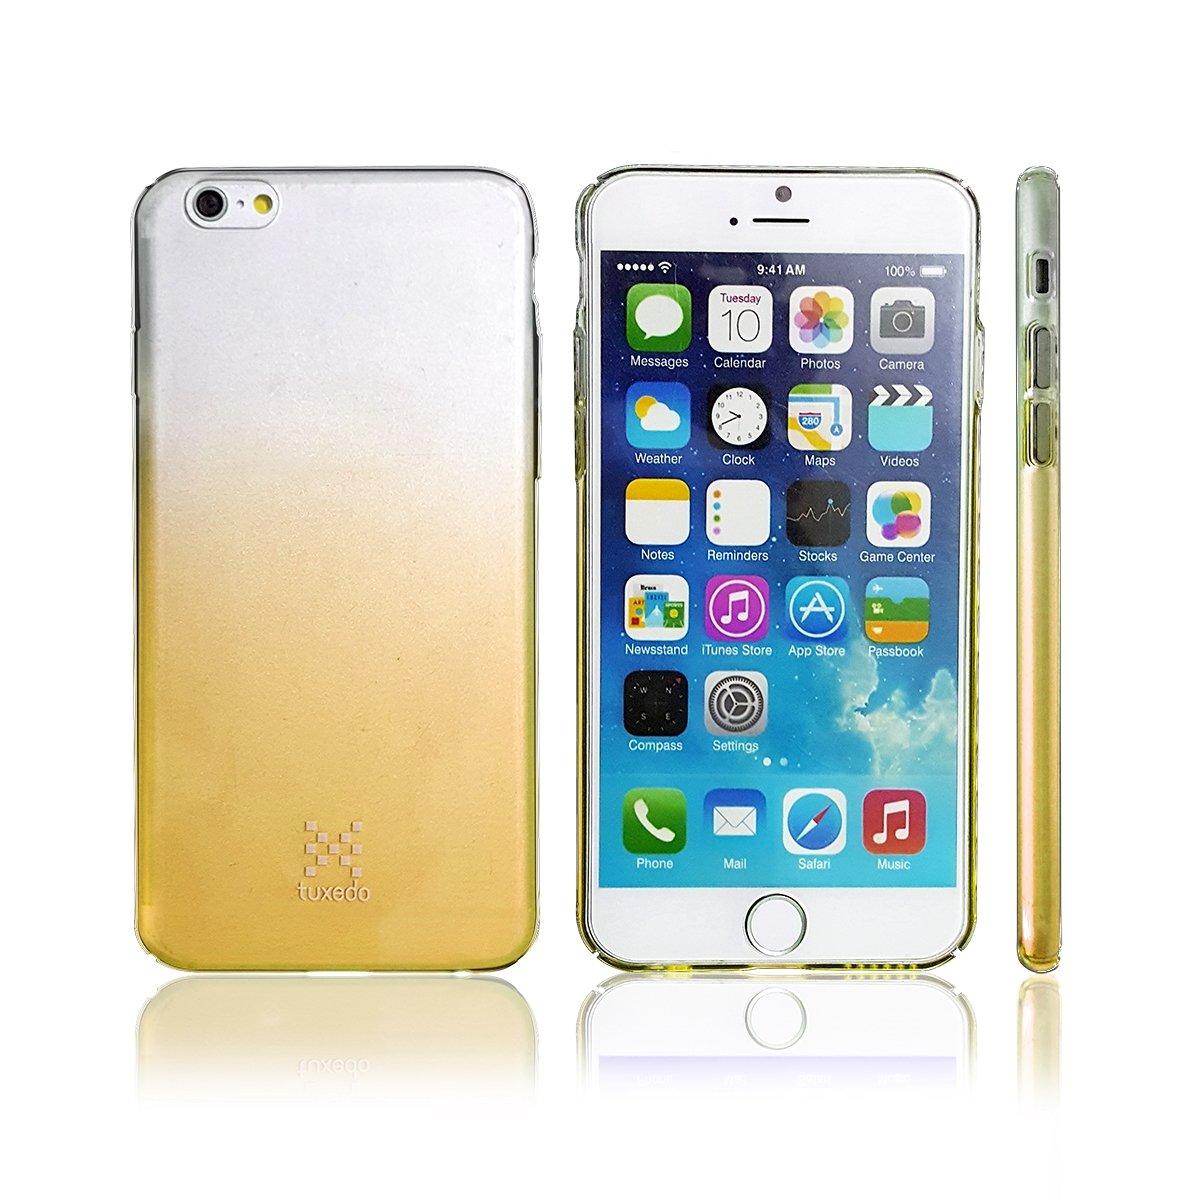 Ốp lưng iPhone 6/6S Plus Tuxedo Mirage (nhựa cứng cao cấp, trong suốt, đàn hồi, chống va đập)